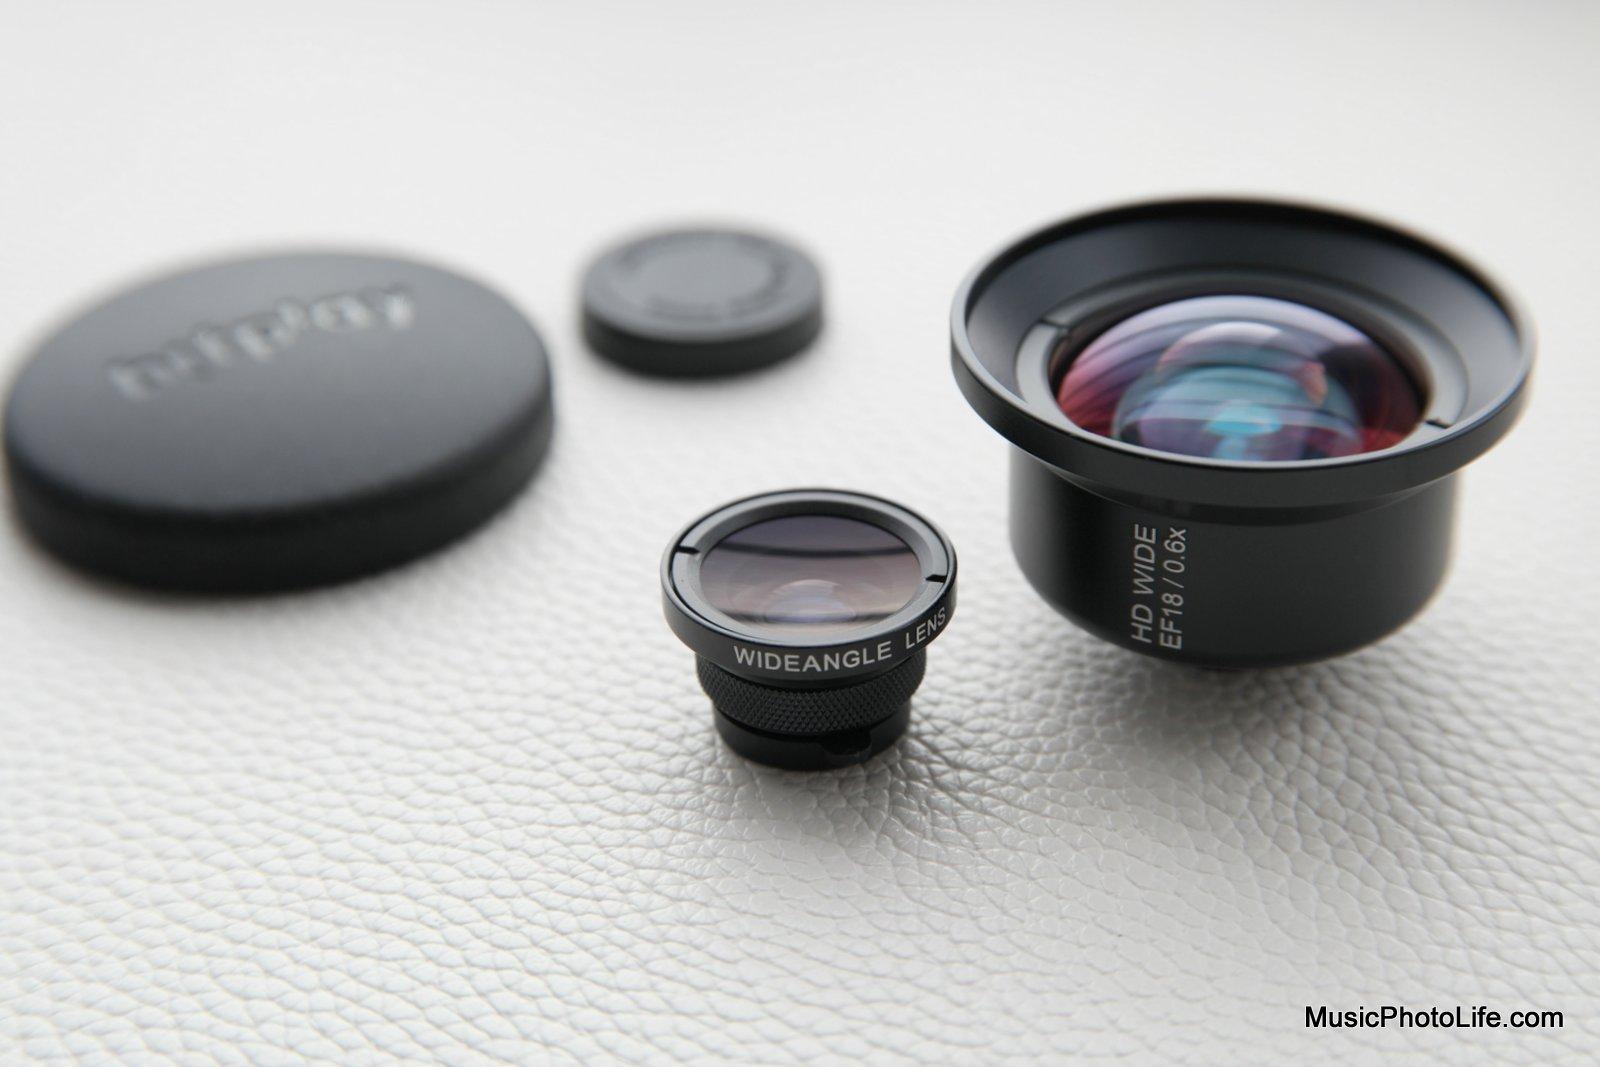 bitplay smartphone lens attachment review by musicphotolife.com, Singapore consumer tech blogger